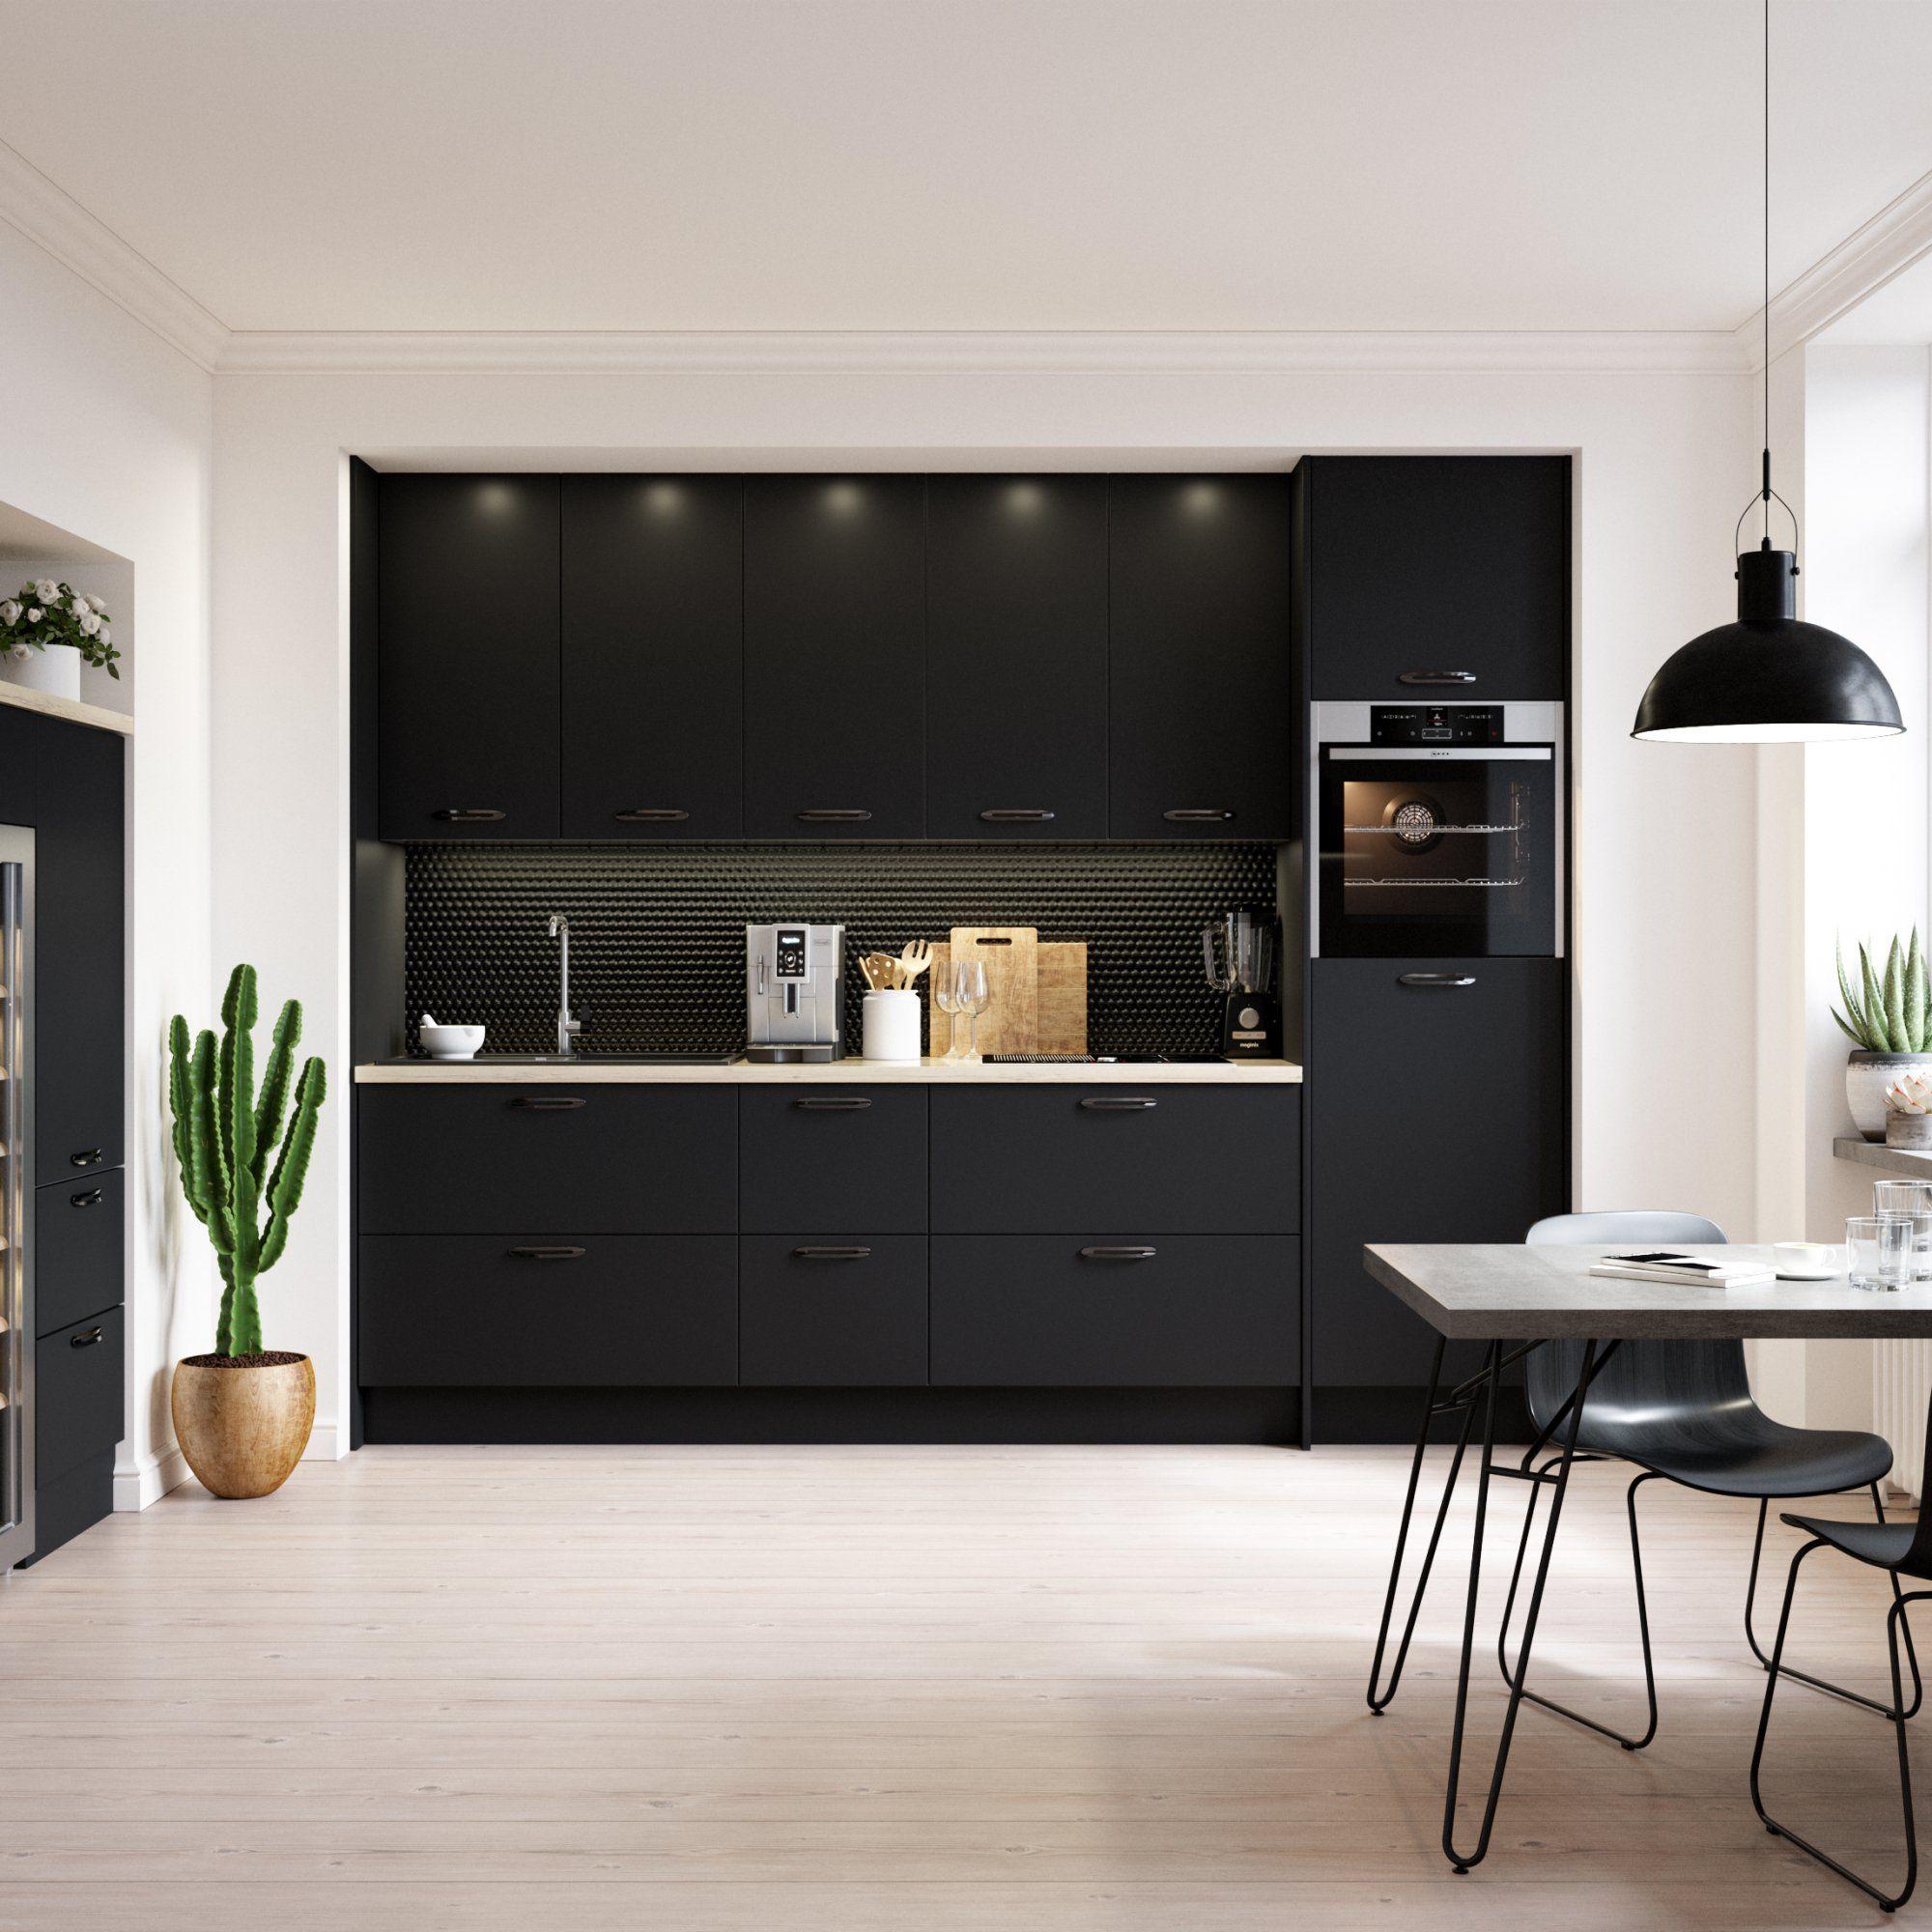 cuisine encastrée noire tendance avec cactus et coin snack avec